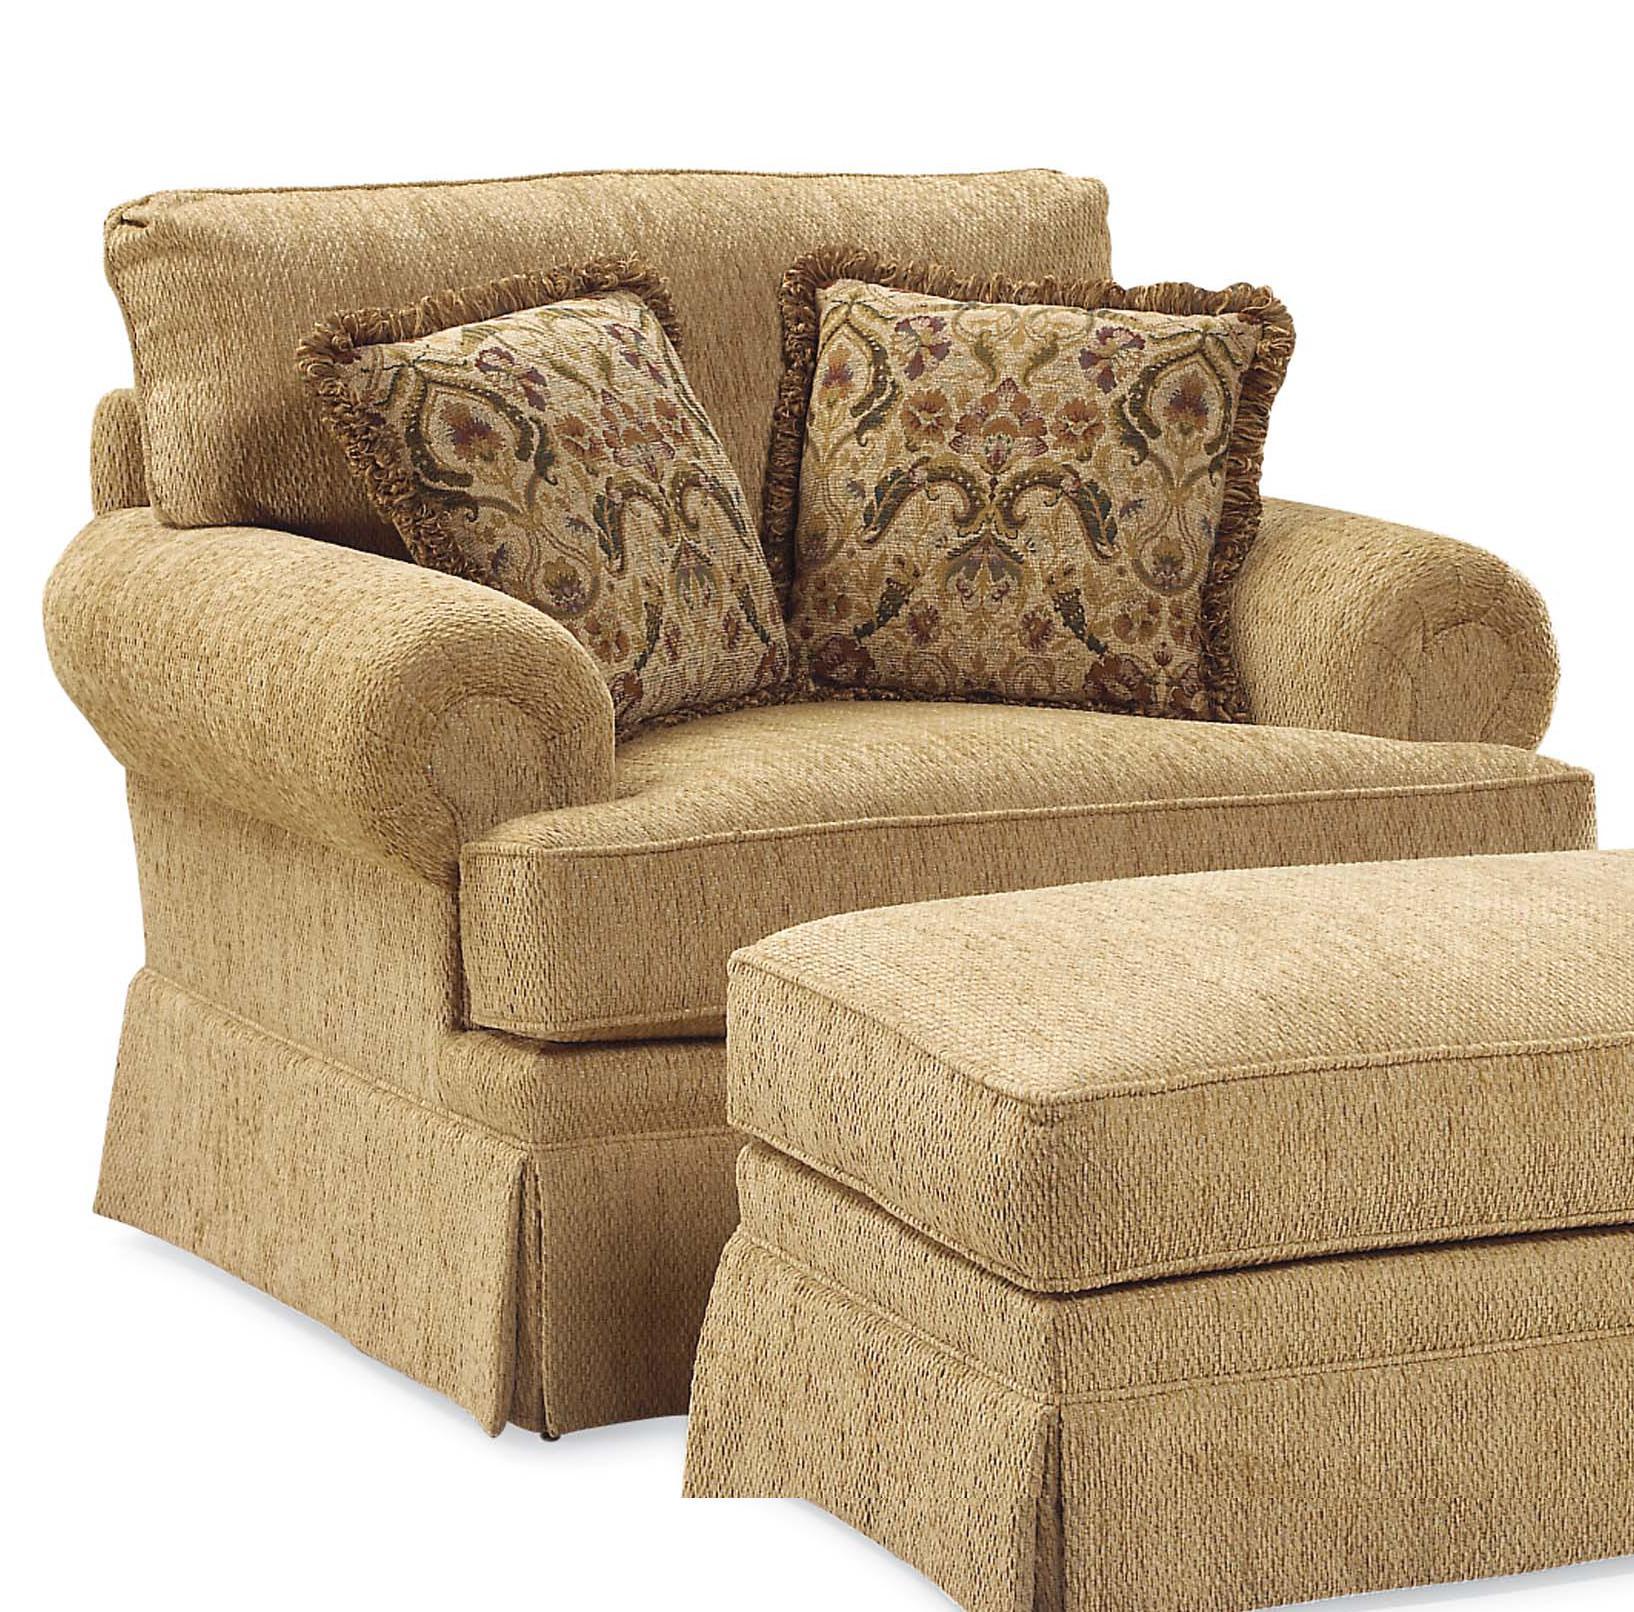 Fairfield 3736 Oversized Skirted Lounge Chair AHFA Chair & a